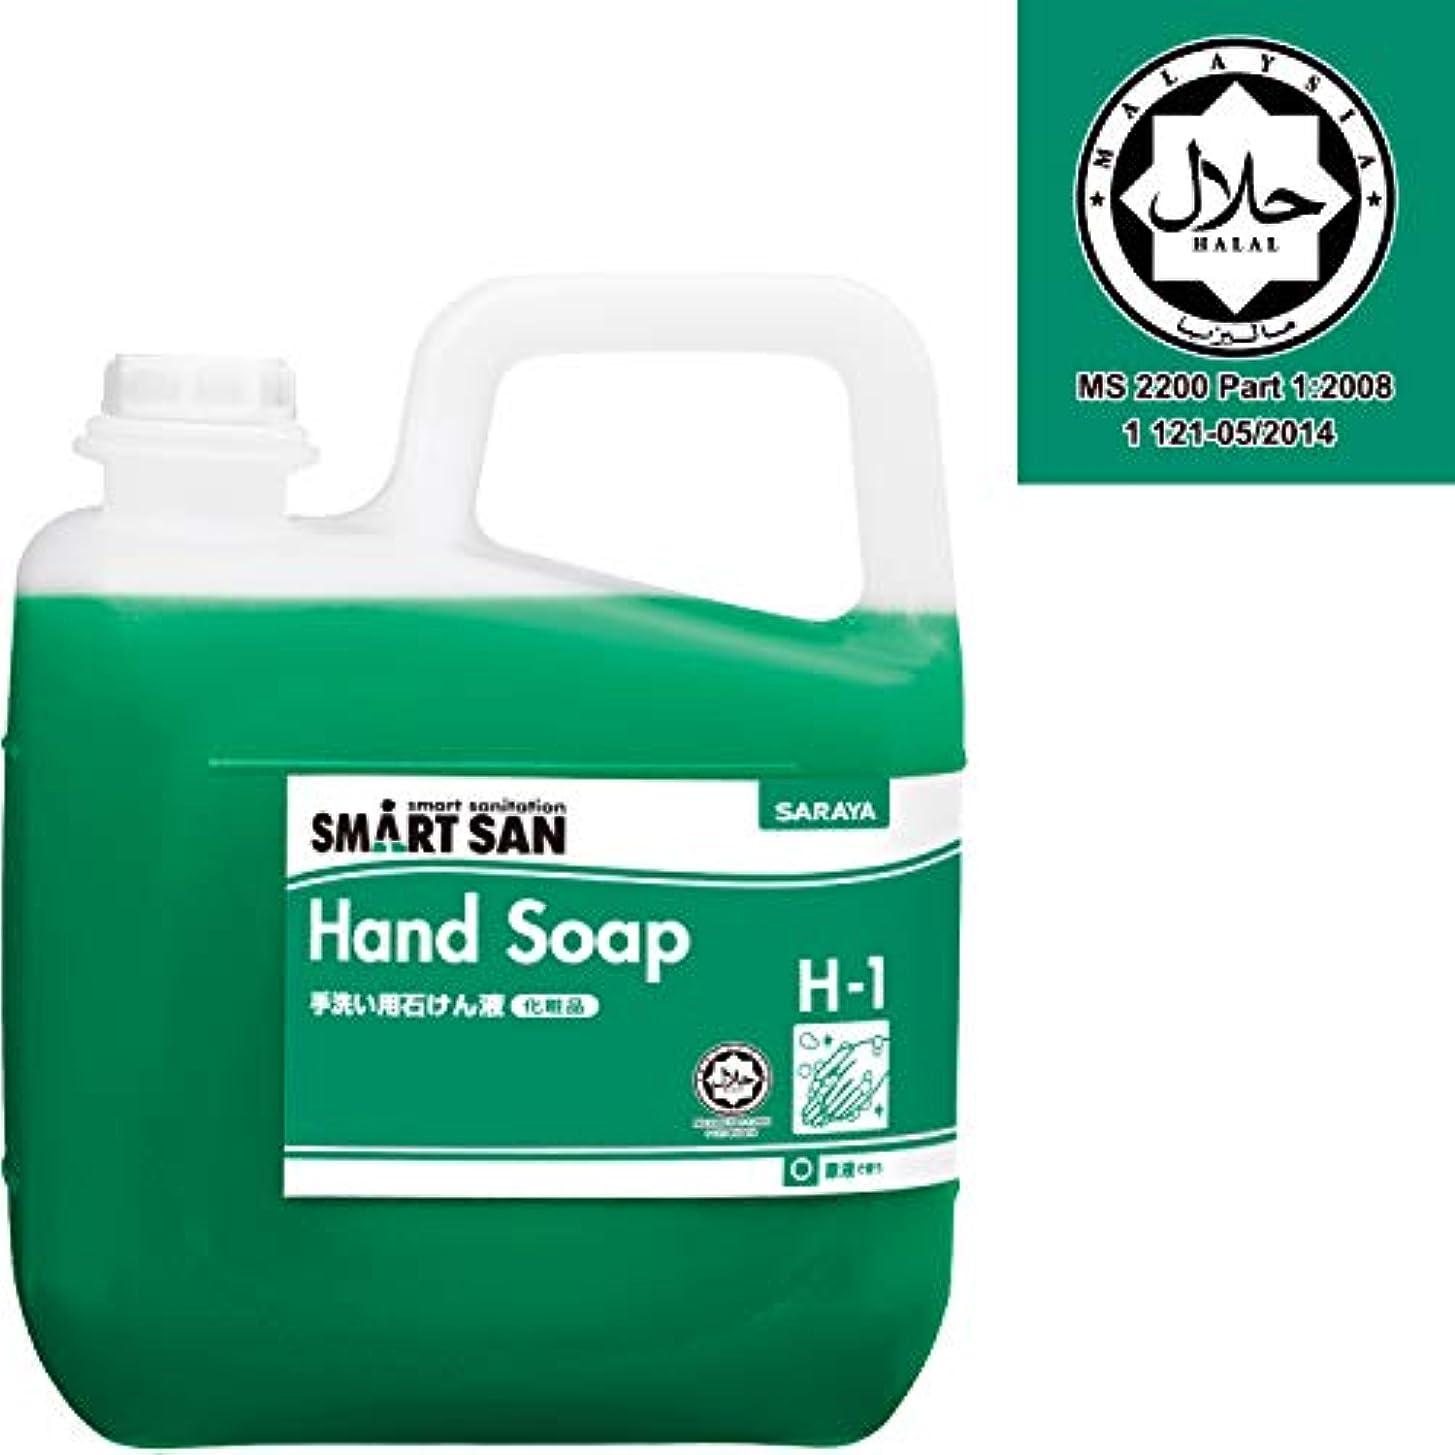 目指す手段ポインタサラヤ 手洗い用石けん液 【H-1】5kg 無香料 詰替え用ノズル付き ハラール 認証